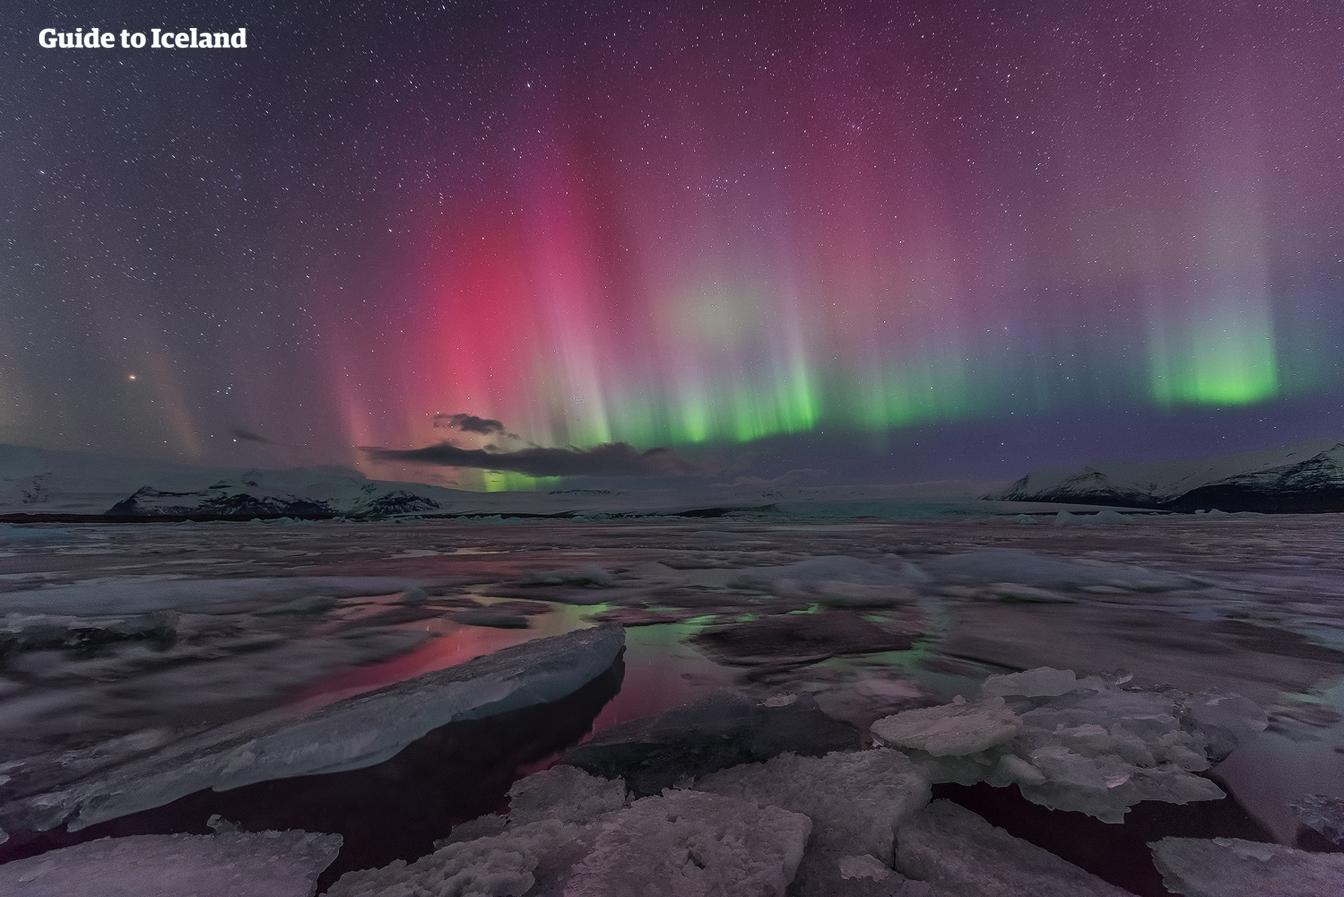 Issjön Jökulsárlón har fördubblats i storlek på femton år, men det är ändå ingenting jämfört med norrskenet ovanför.